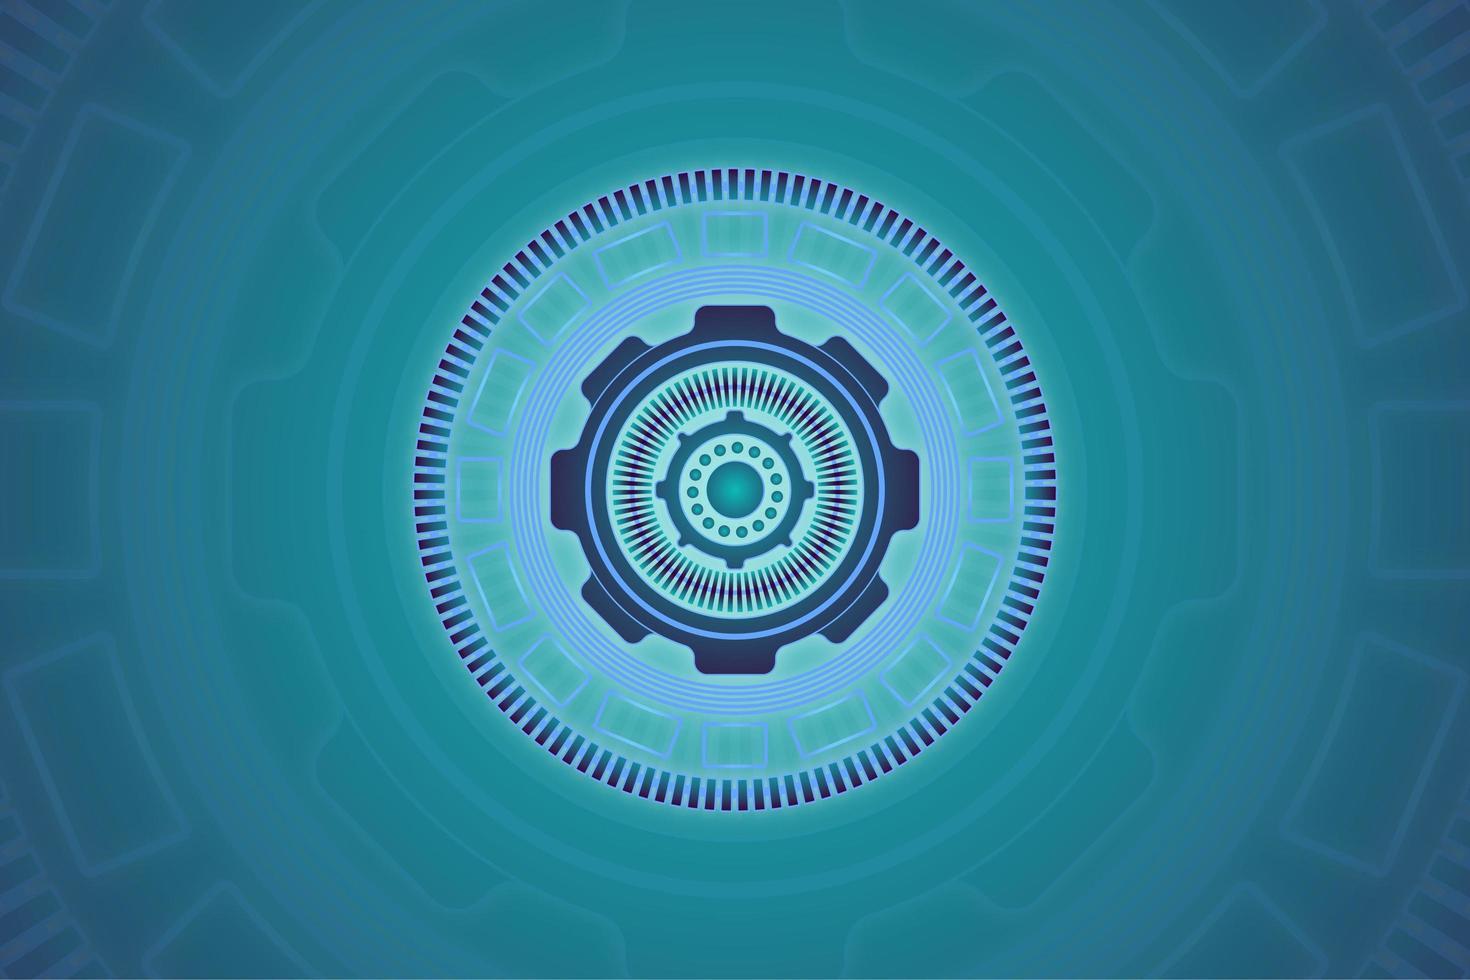 projeto de tecnologia abstrato do círculo azul vetor